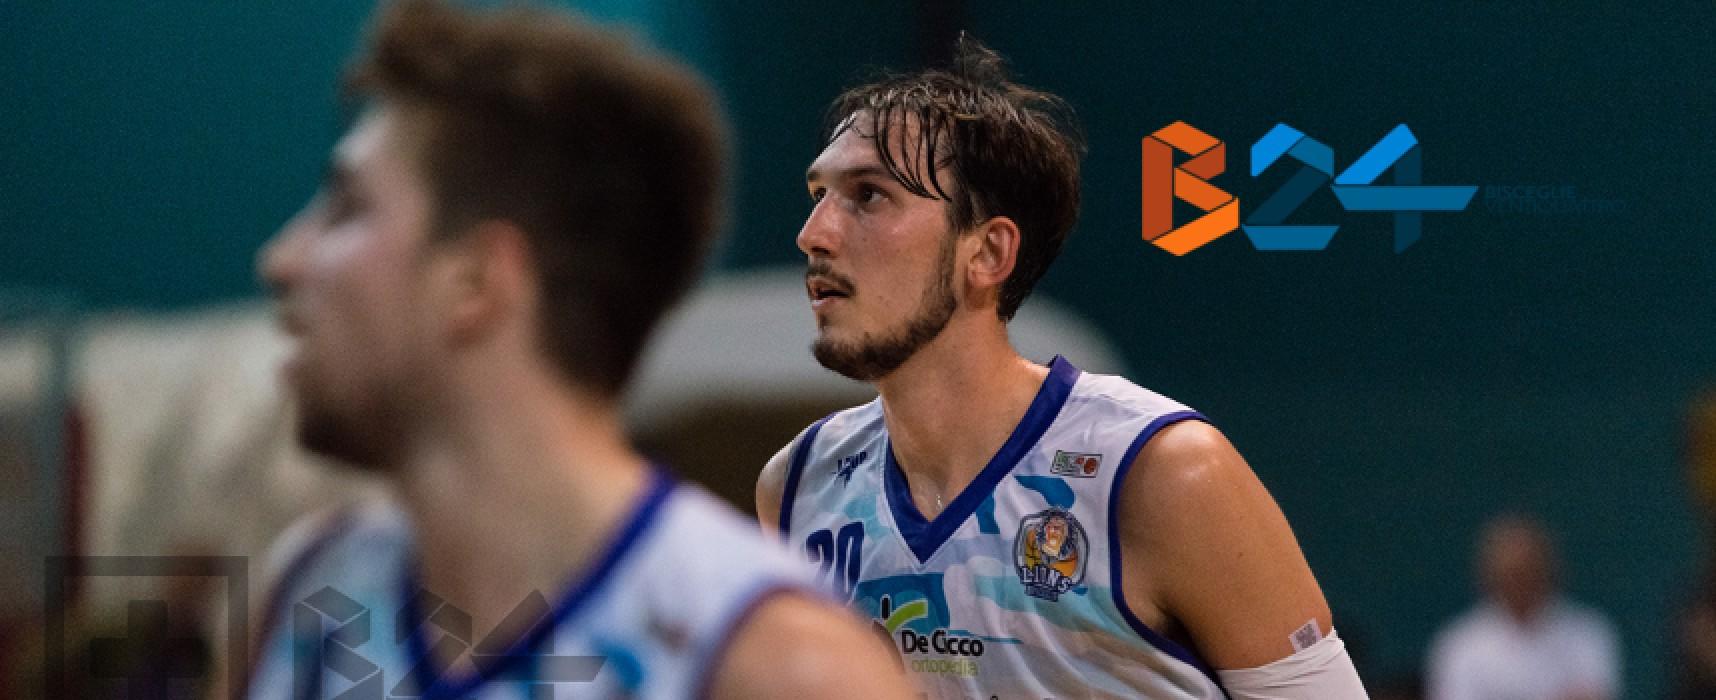 Lions Basket, ad Isernia per la prima trasferta stagionale in cerca di ulteriori conferme